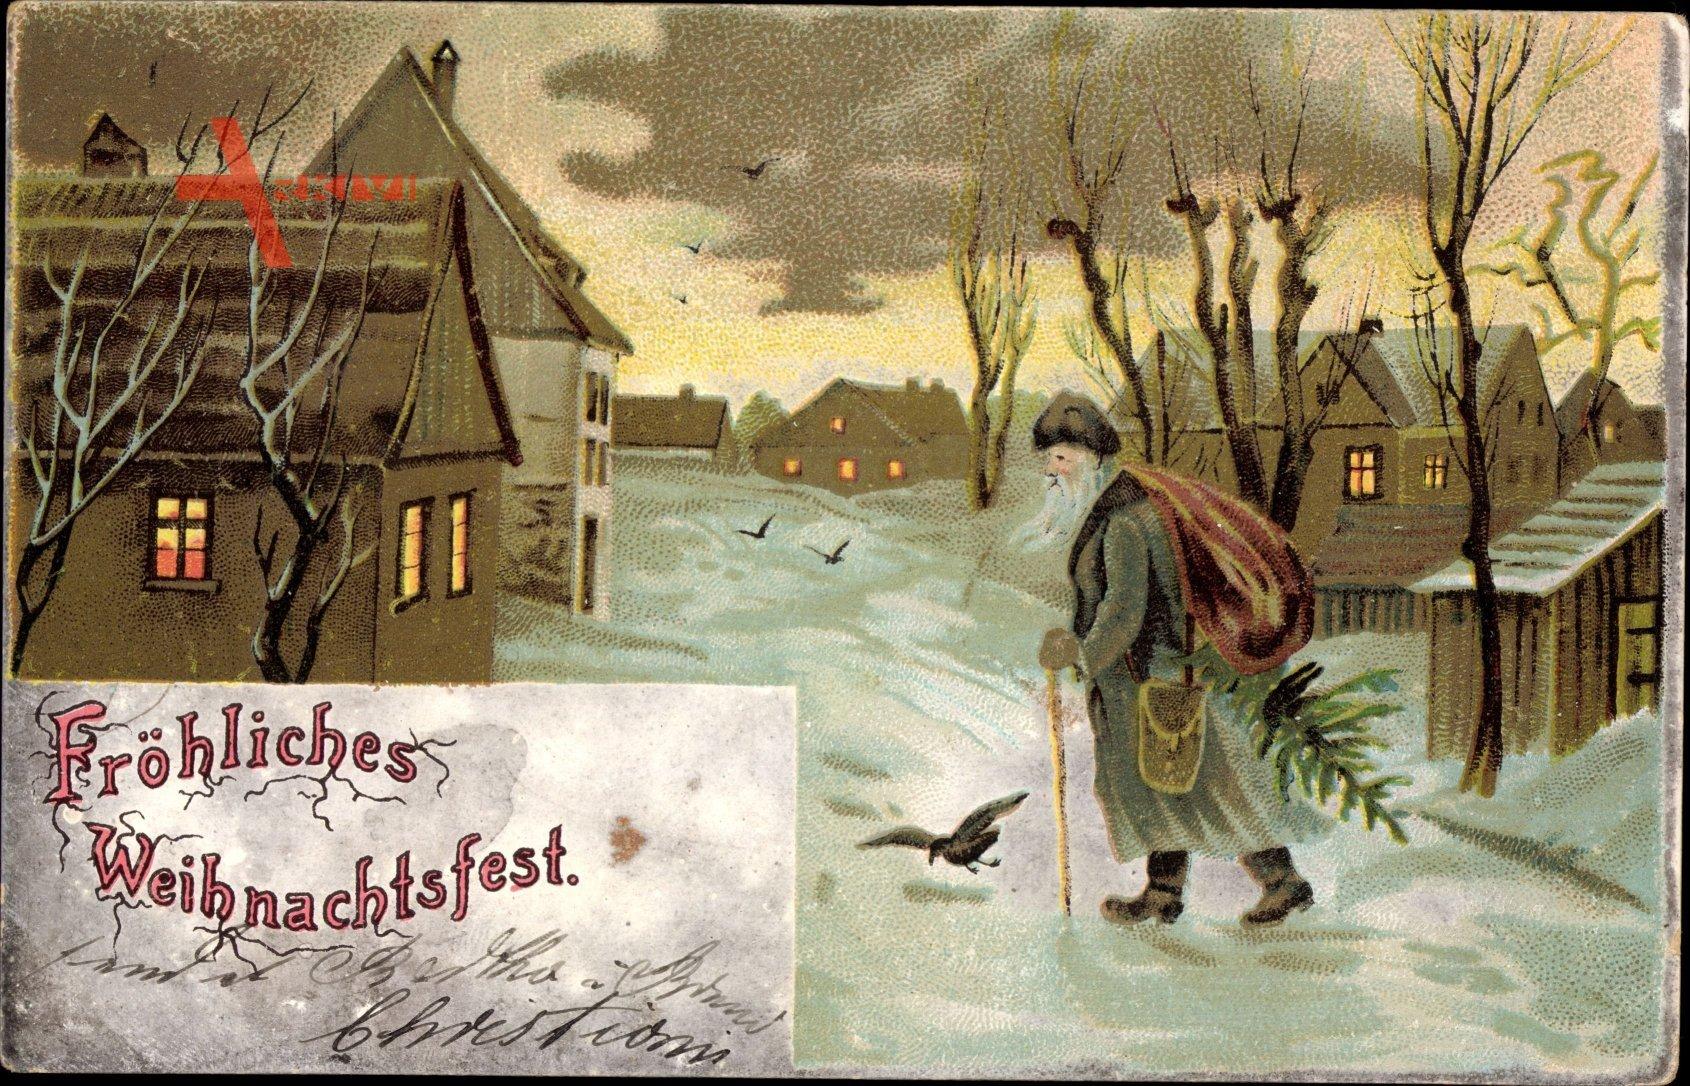 Glückwunsch Weihnachten, Weihnachtsmann mit Sack und Weihnachtsbaum